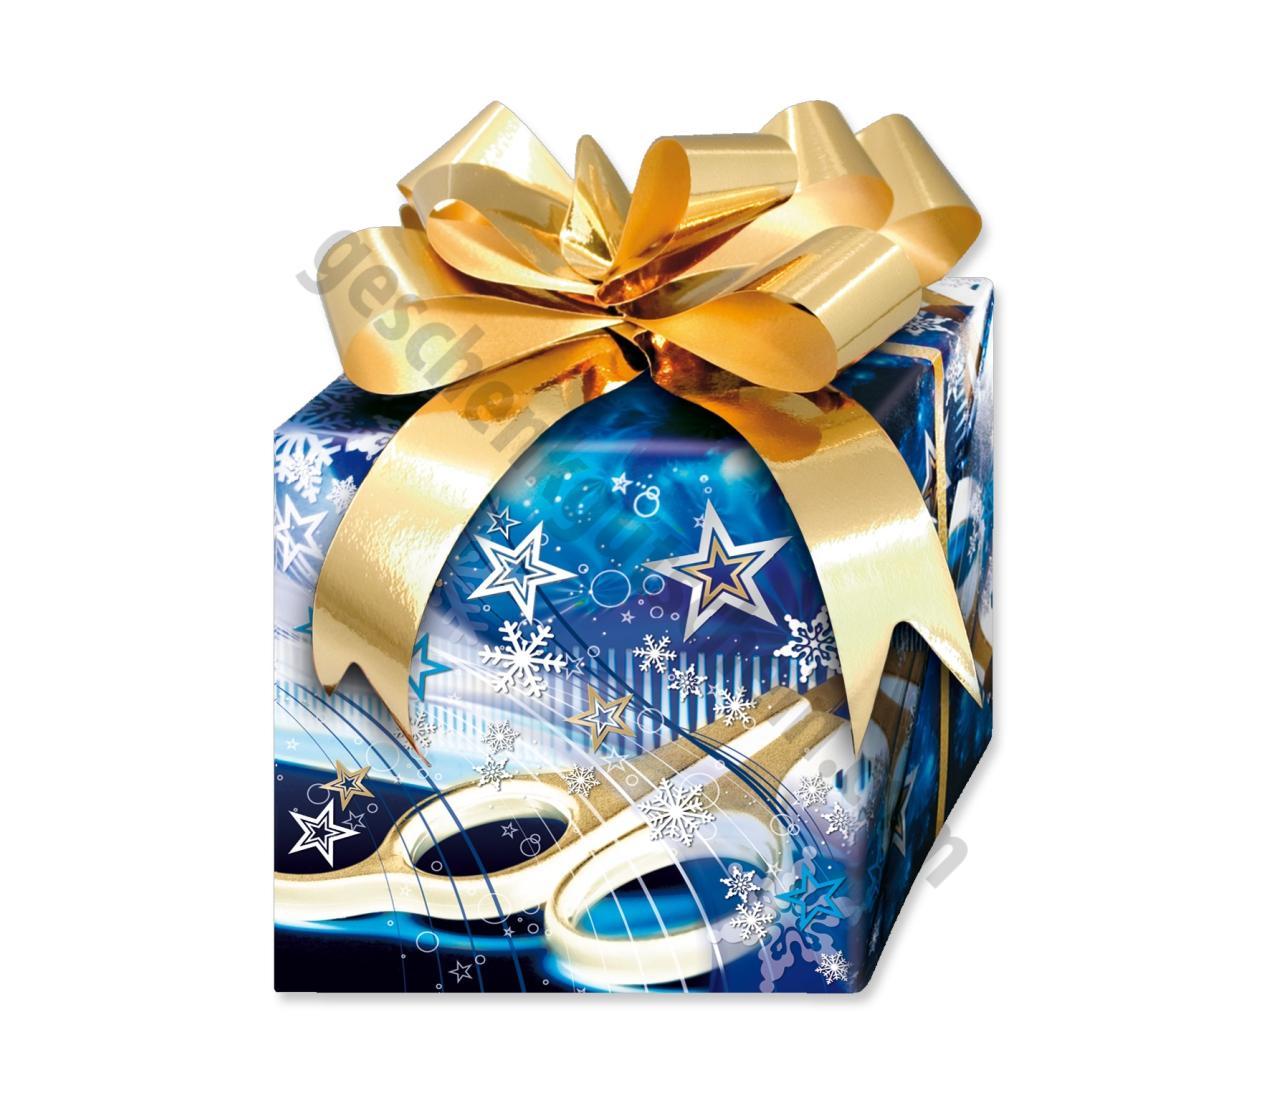 Weihnachtsgeschenke Für Kunden Friseur.Xk101 Weihnachtsgeschenk Dienstleistung Friseurgeschäft